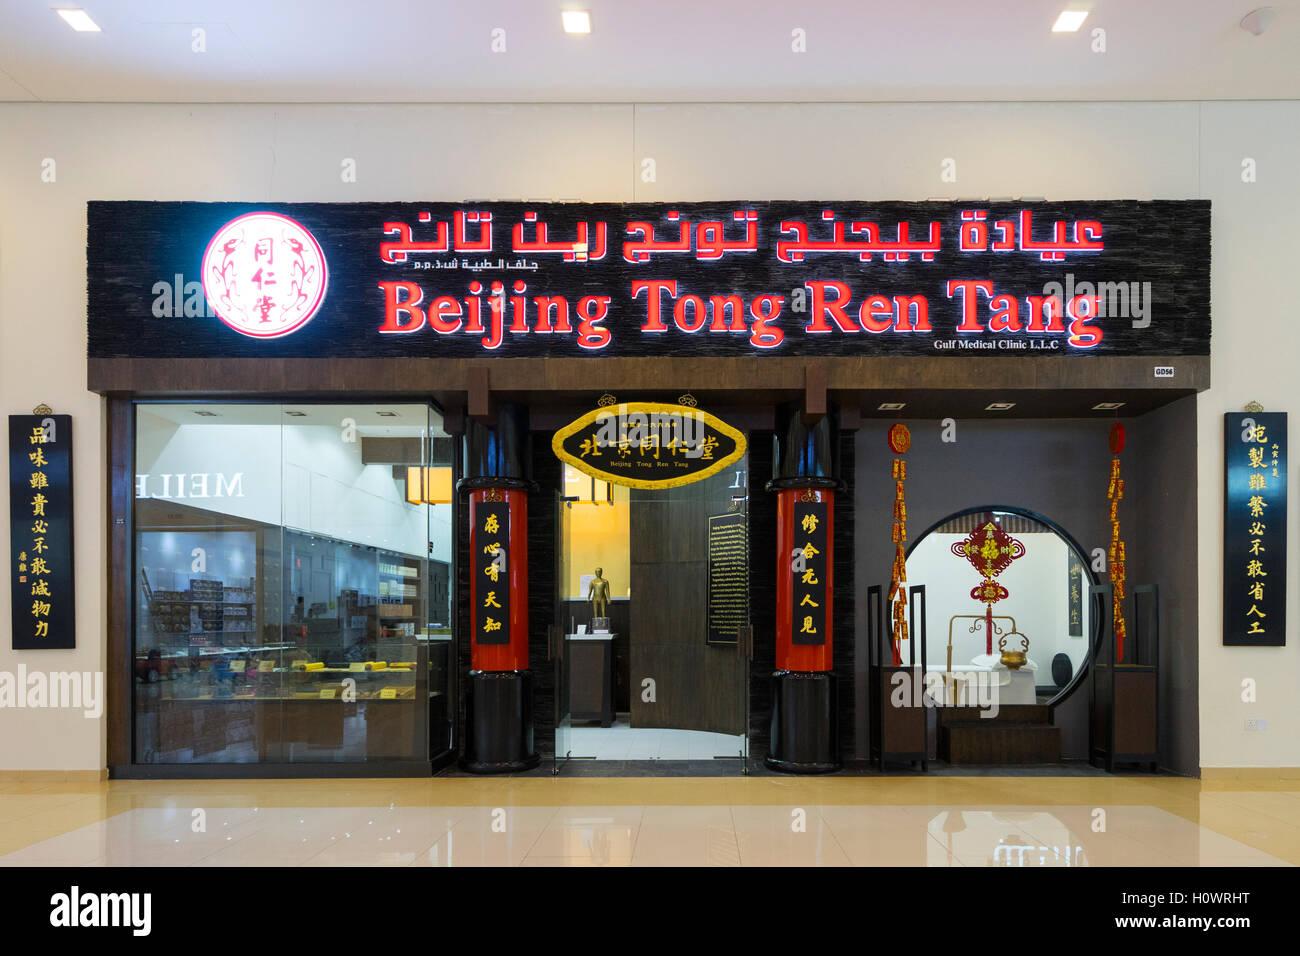 Beijing Tong Ren Tang tienda de medicina tradicional china en Dragon Mart 2 nuevo centro comercial chino en Dubai, Imagen De Stock